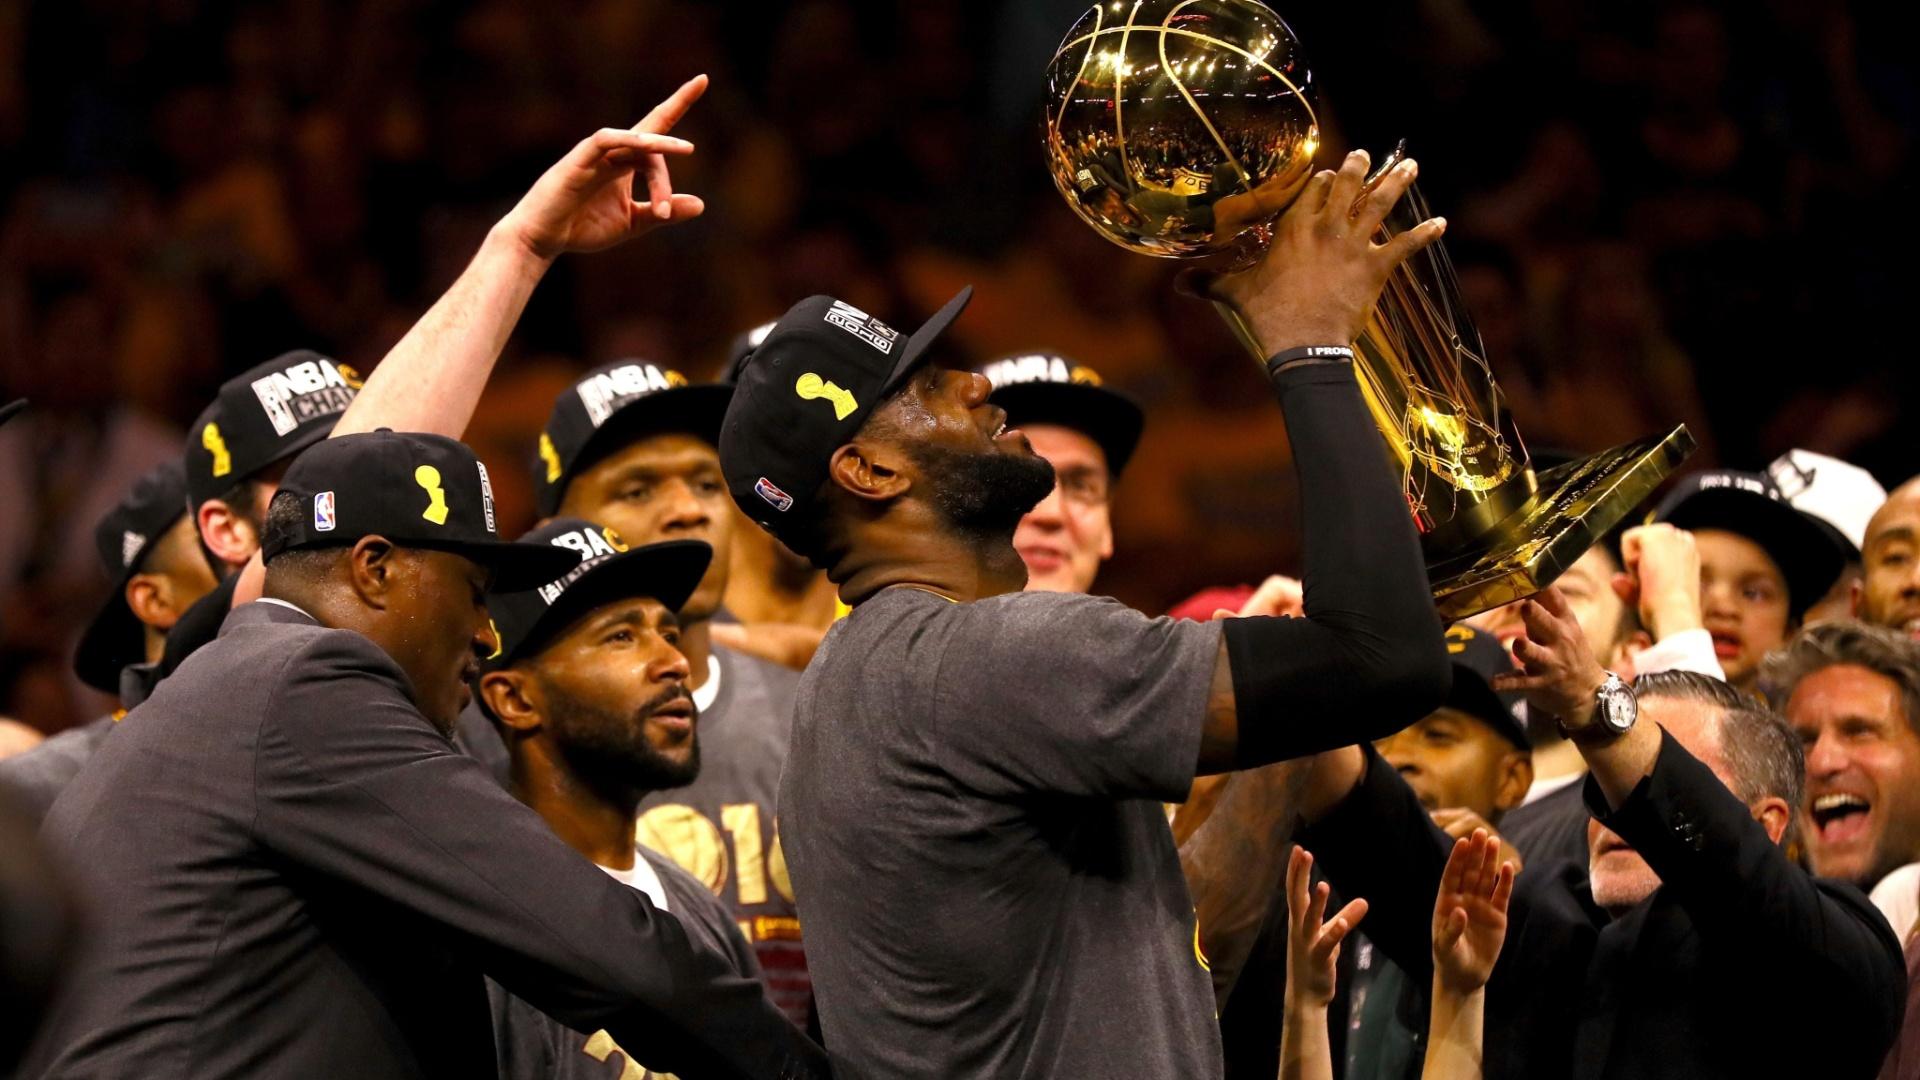 20.jun.2016 - O jogador LeBron James, do Cleveland Cavaliers, ergue o troféu da NBA que a equipe recebeu após ser campeã da edição deste ano da liga profissional de basquete norte-americana. LeBron foi um dos destaques na vitória do Cavaliers sobre o Golden State Warriors por 93 a 89, fechando a sequência final de partidas do campeonato em 4 a 3